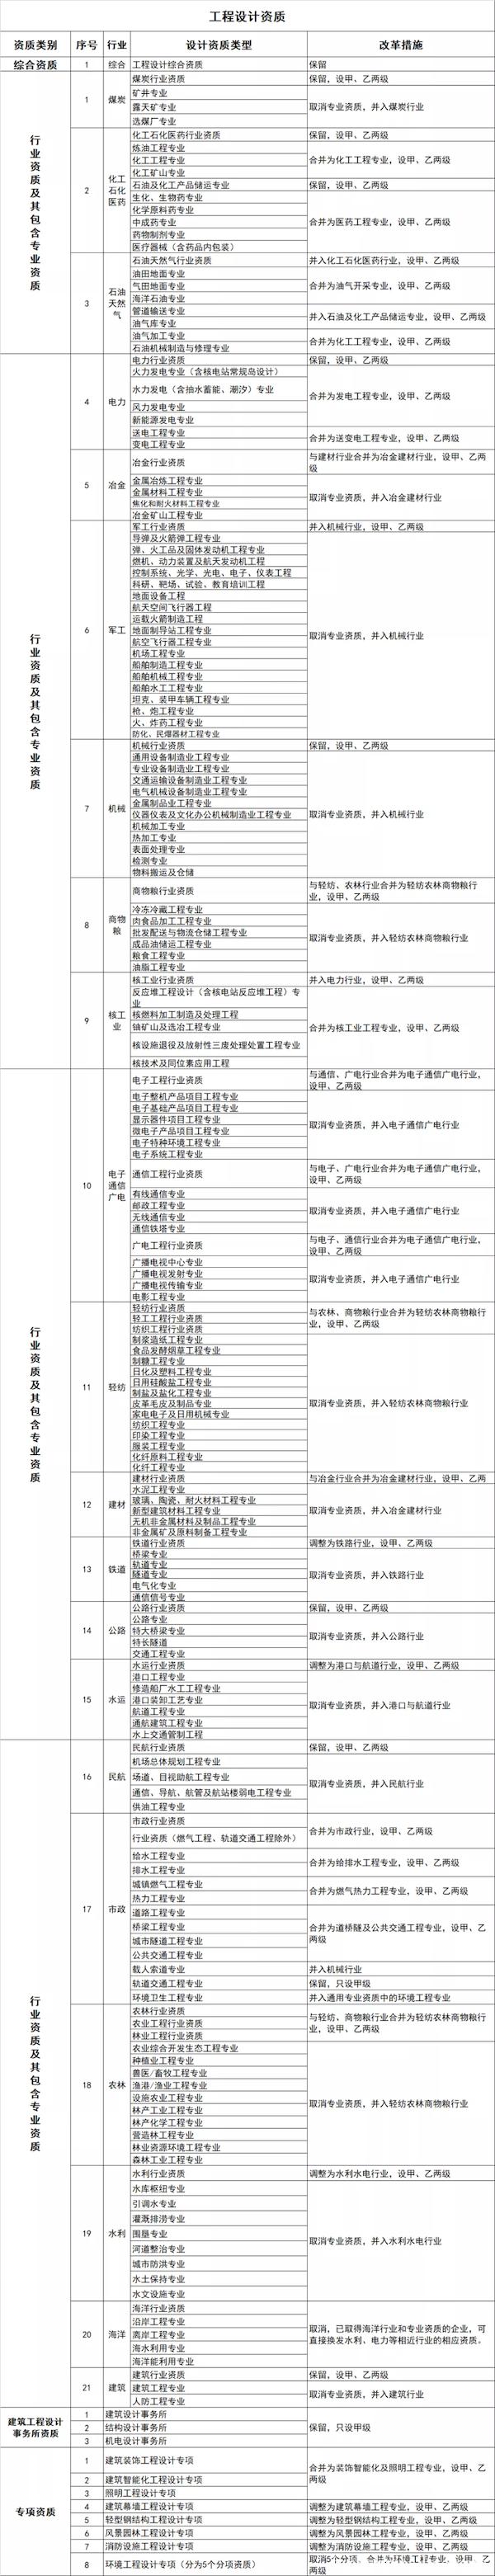 导出图片Thu Nov 12 2020 09_19_30 GMT+0800 (中国标准时间)的副本.png